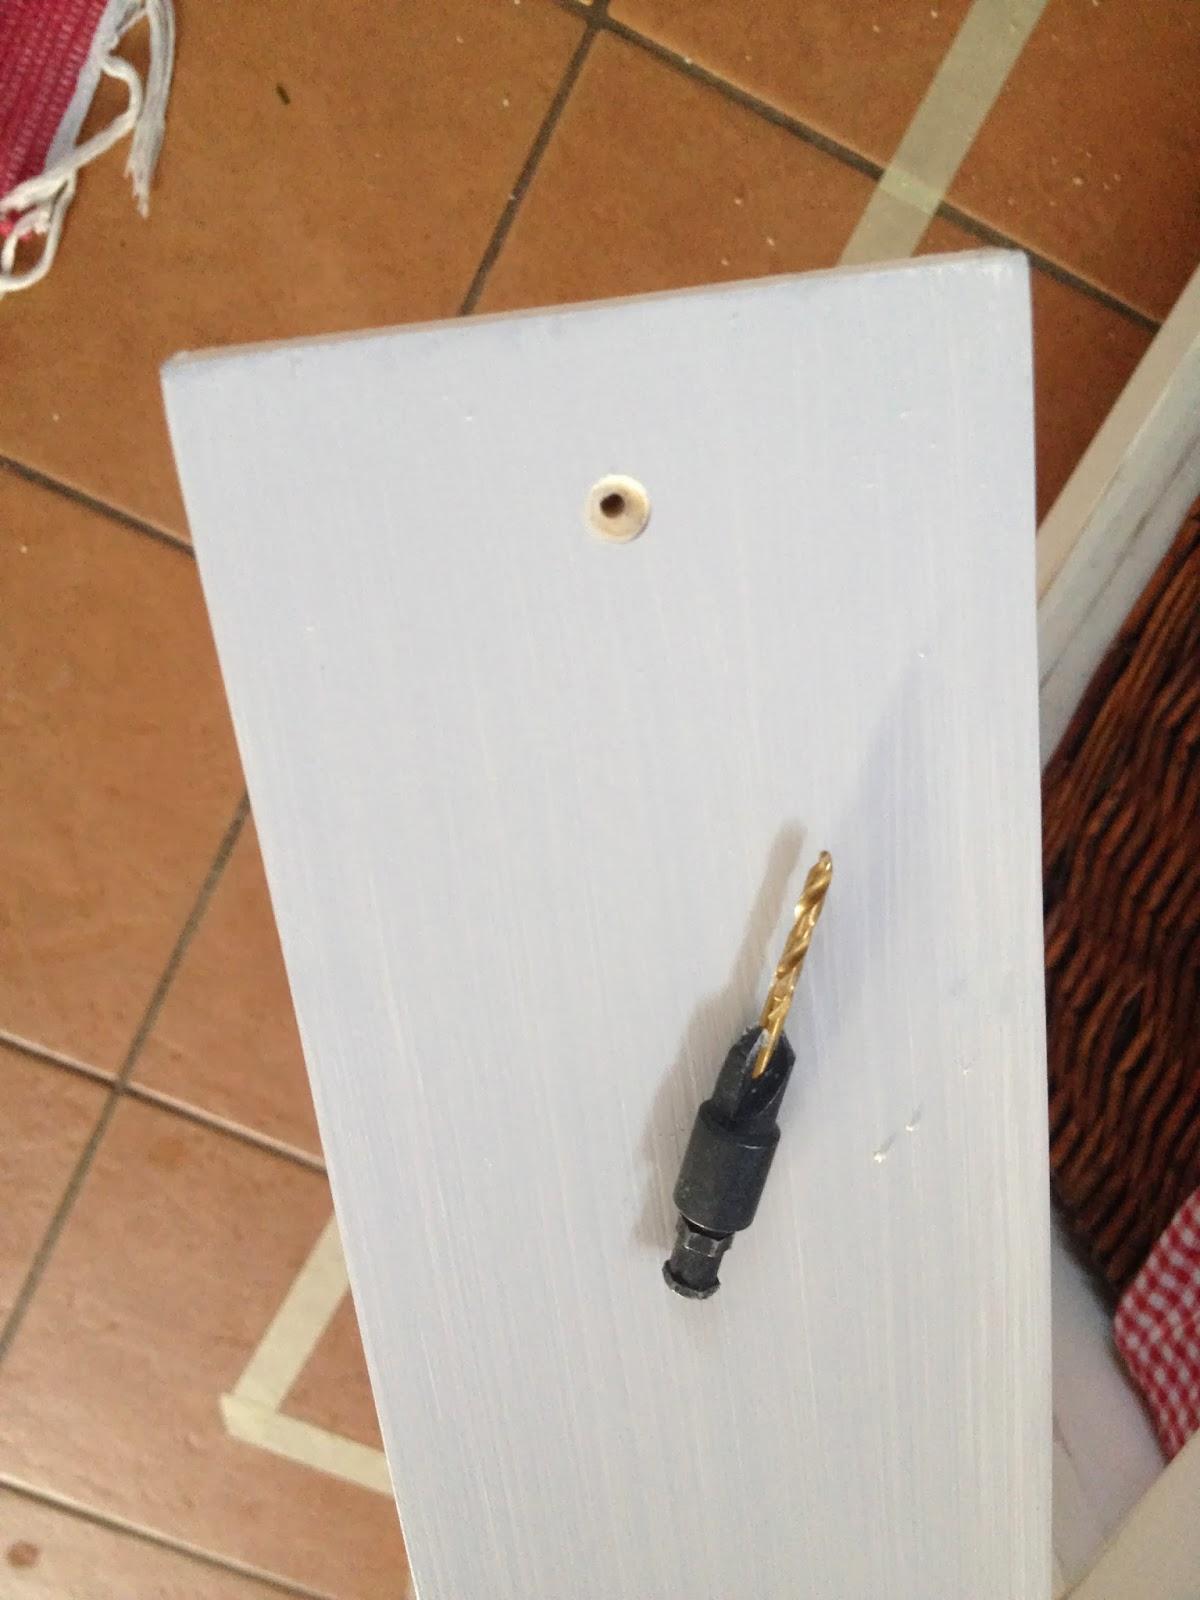 predrill countersunk holes